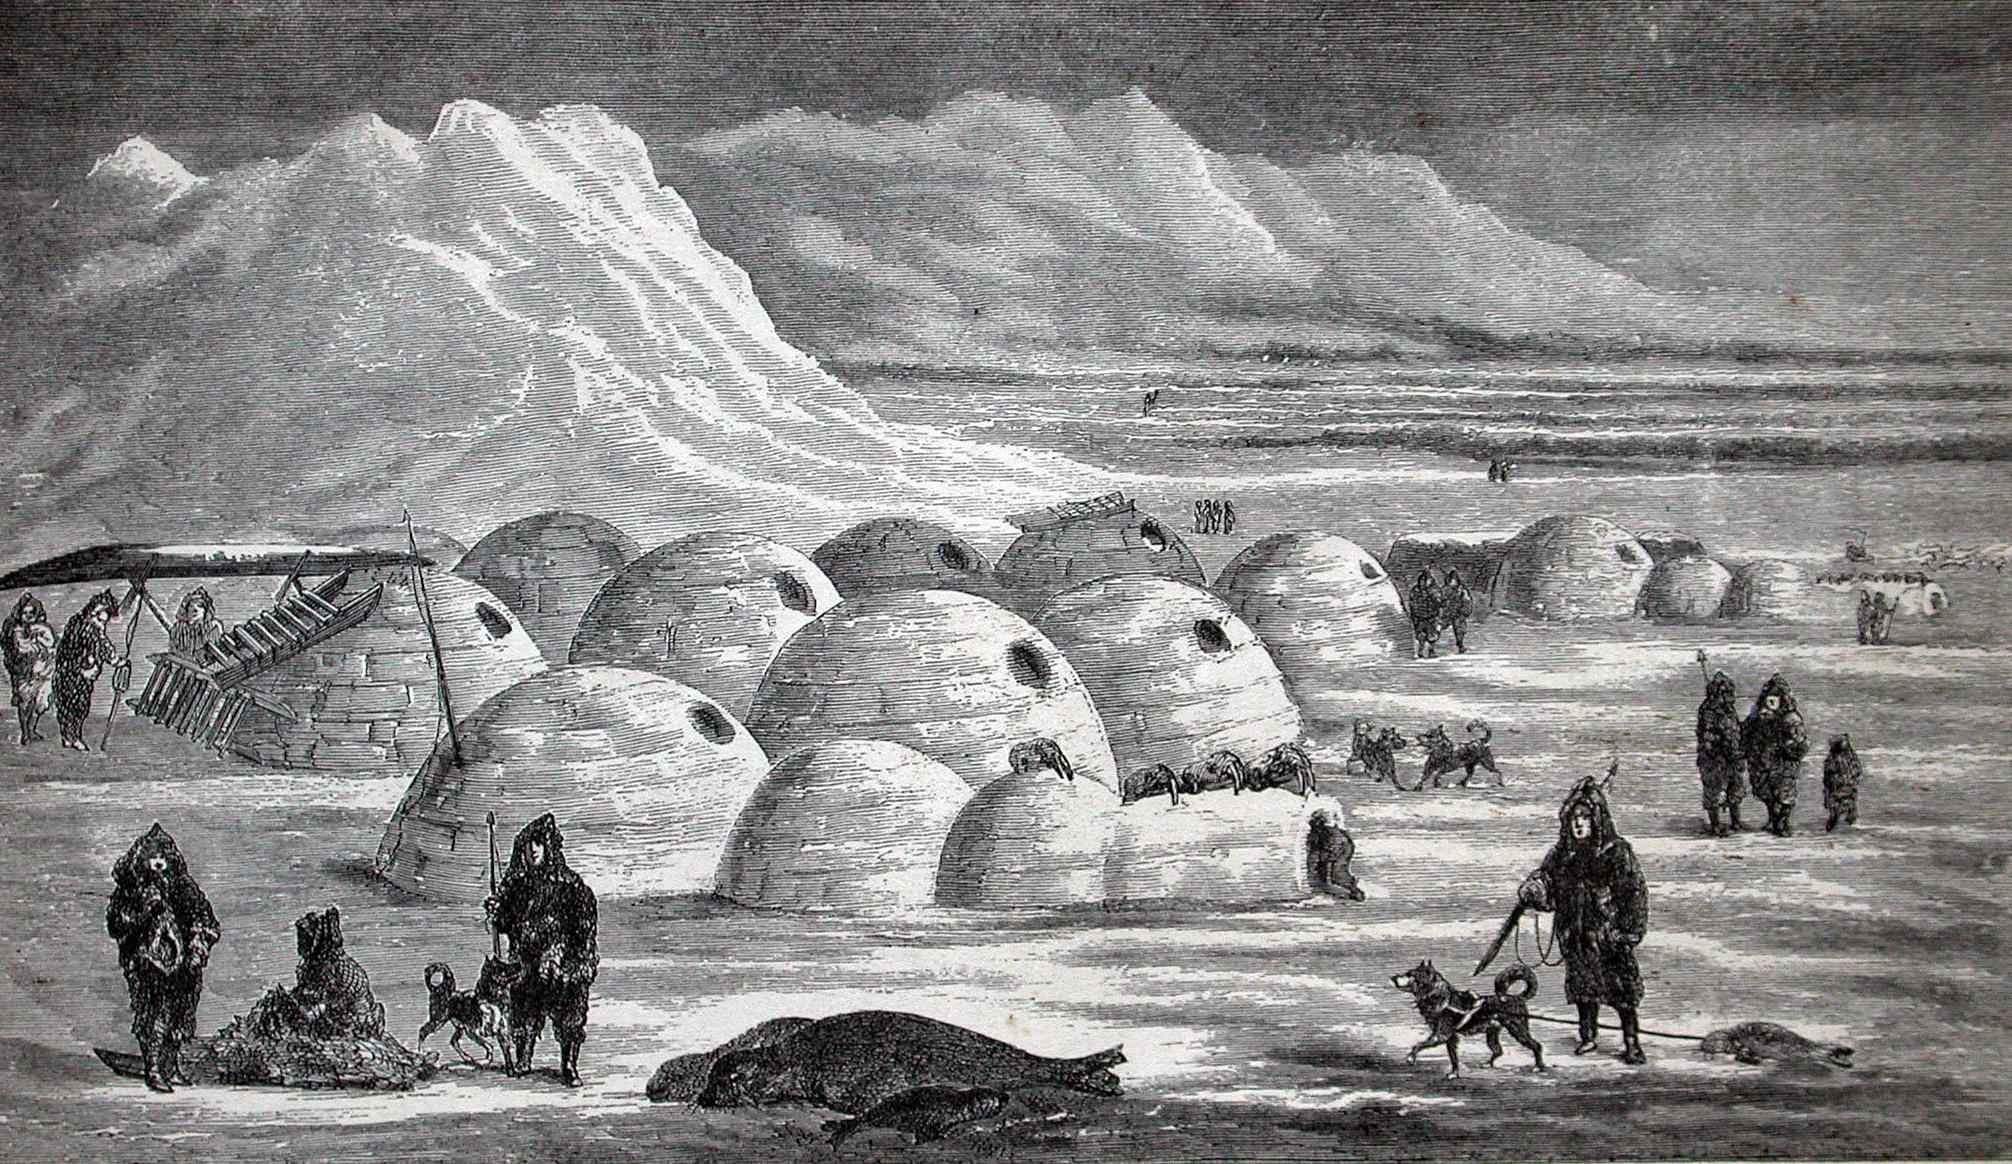 Old illustration of Inuit village life